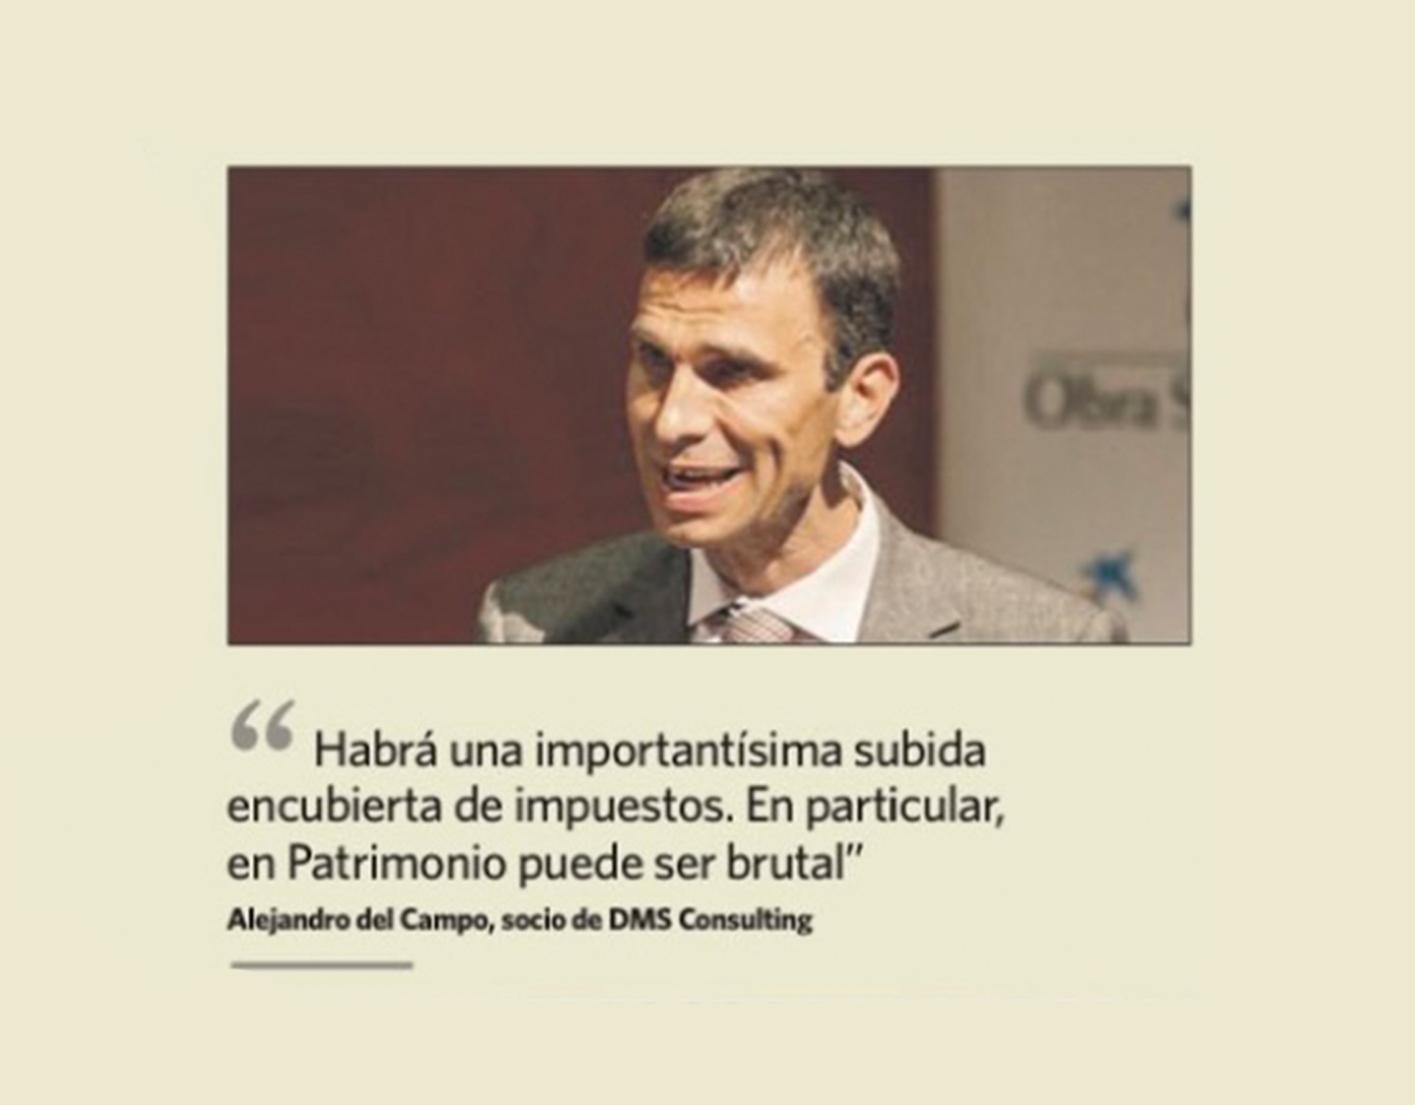 Alejandro Del Campo citado por El Economista sobre la importante subida de impuestos que encubre la Ley Antifraude